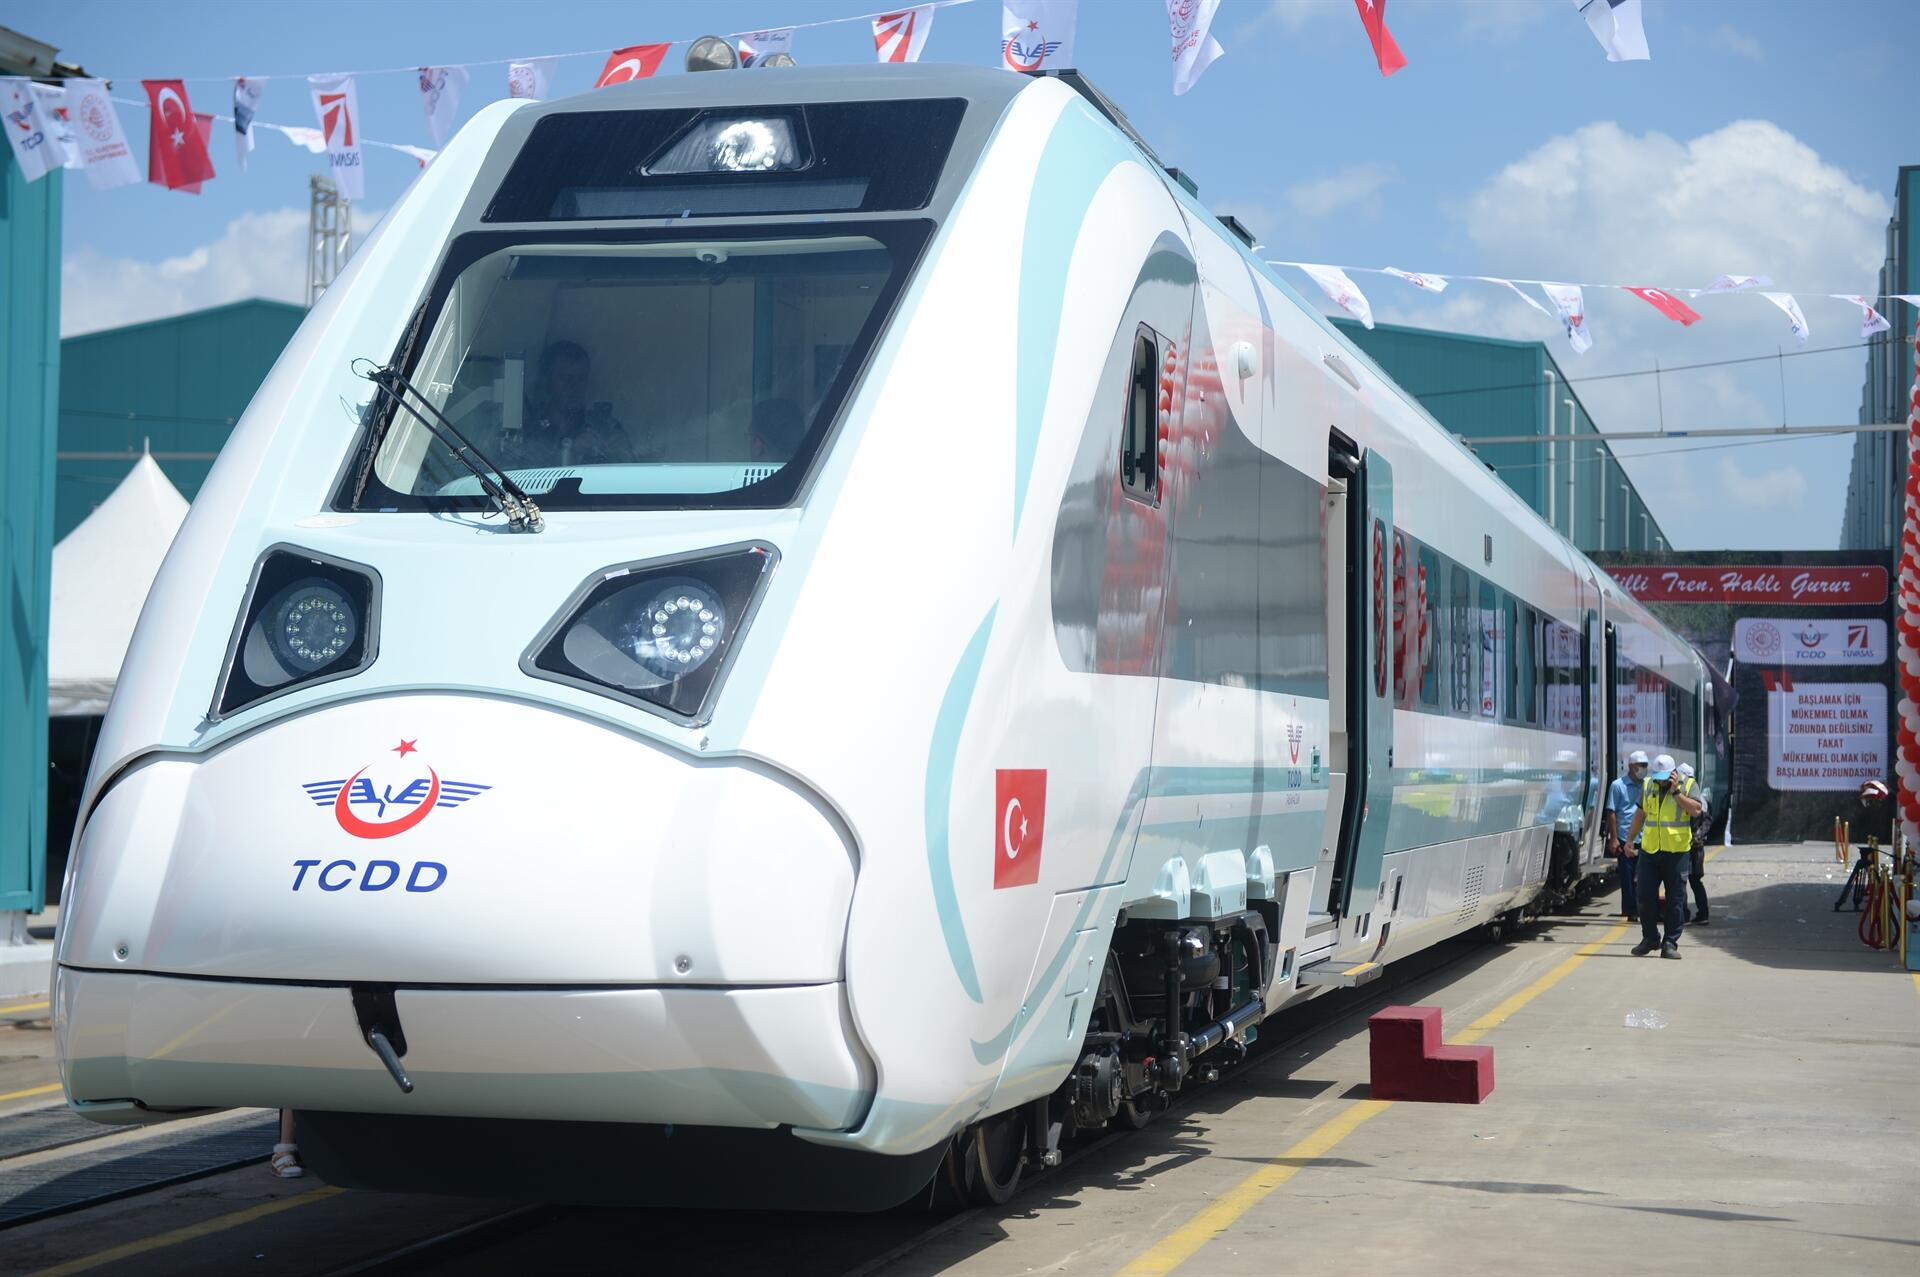 Début des essais en usine pour le premier train électrique turc